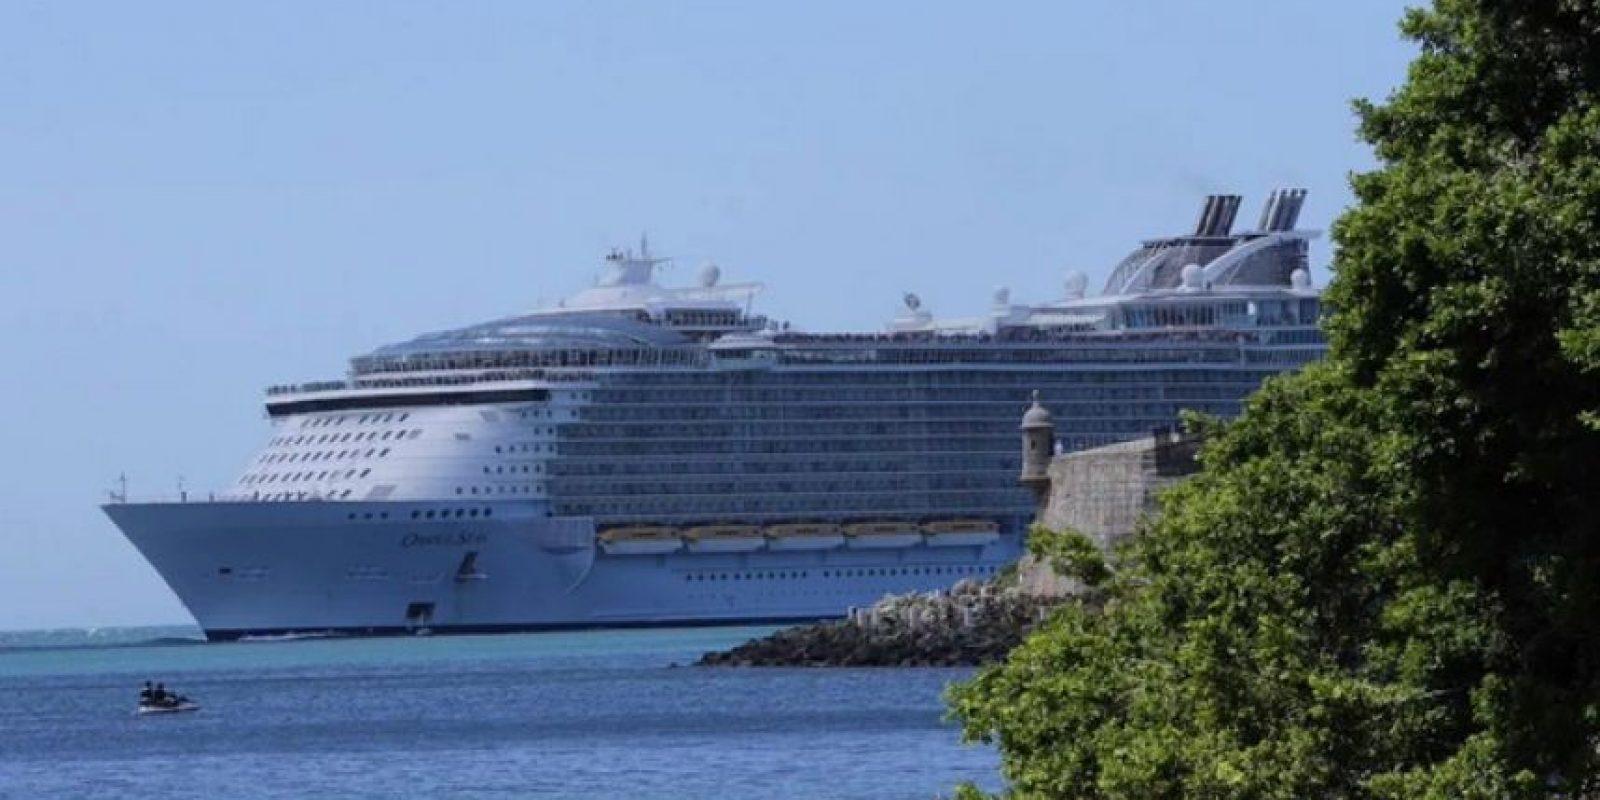 El crucero más grande del mundo hizo su entrada hoy a la Bahía de San Juan. Foto:Twitter @joselitodiaz. Imagen Por: